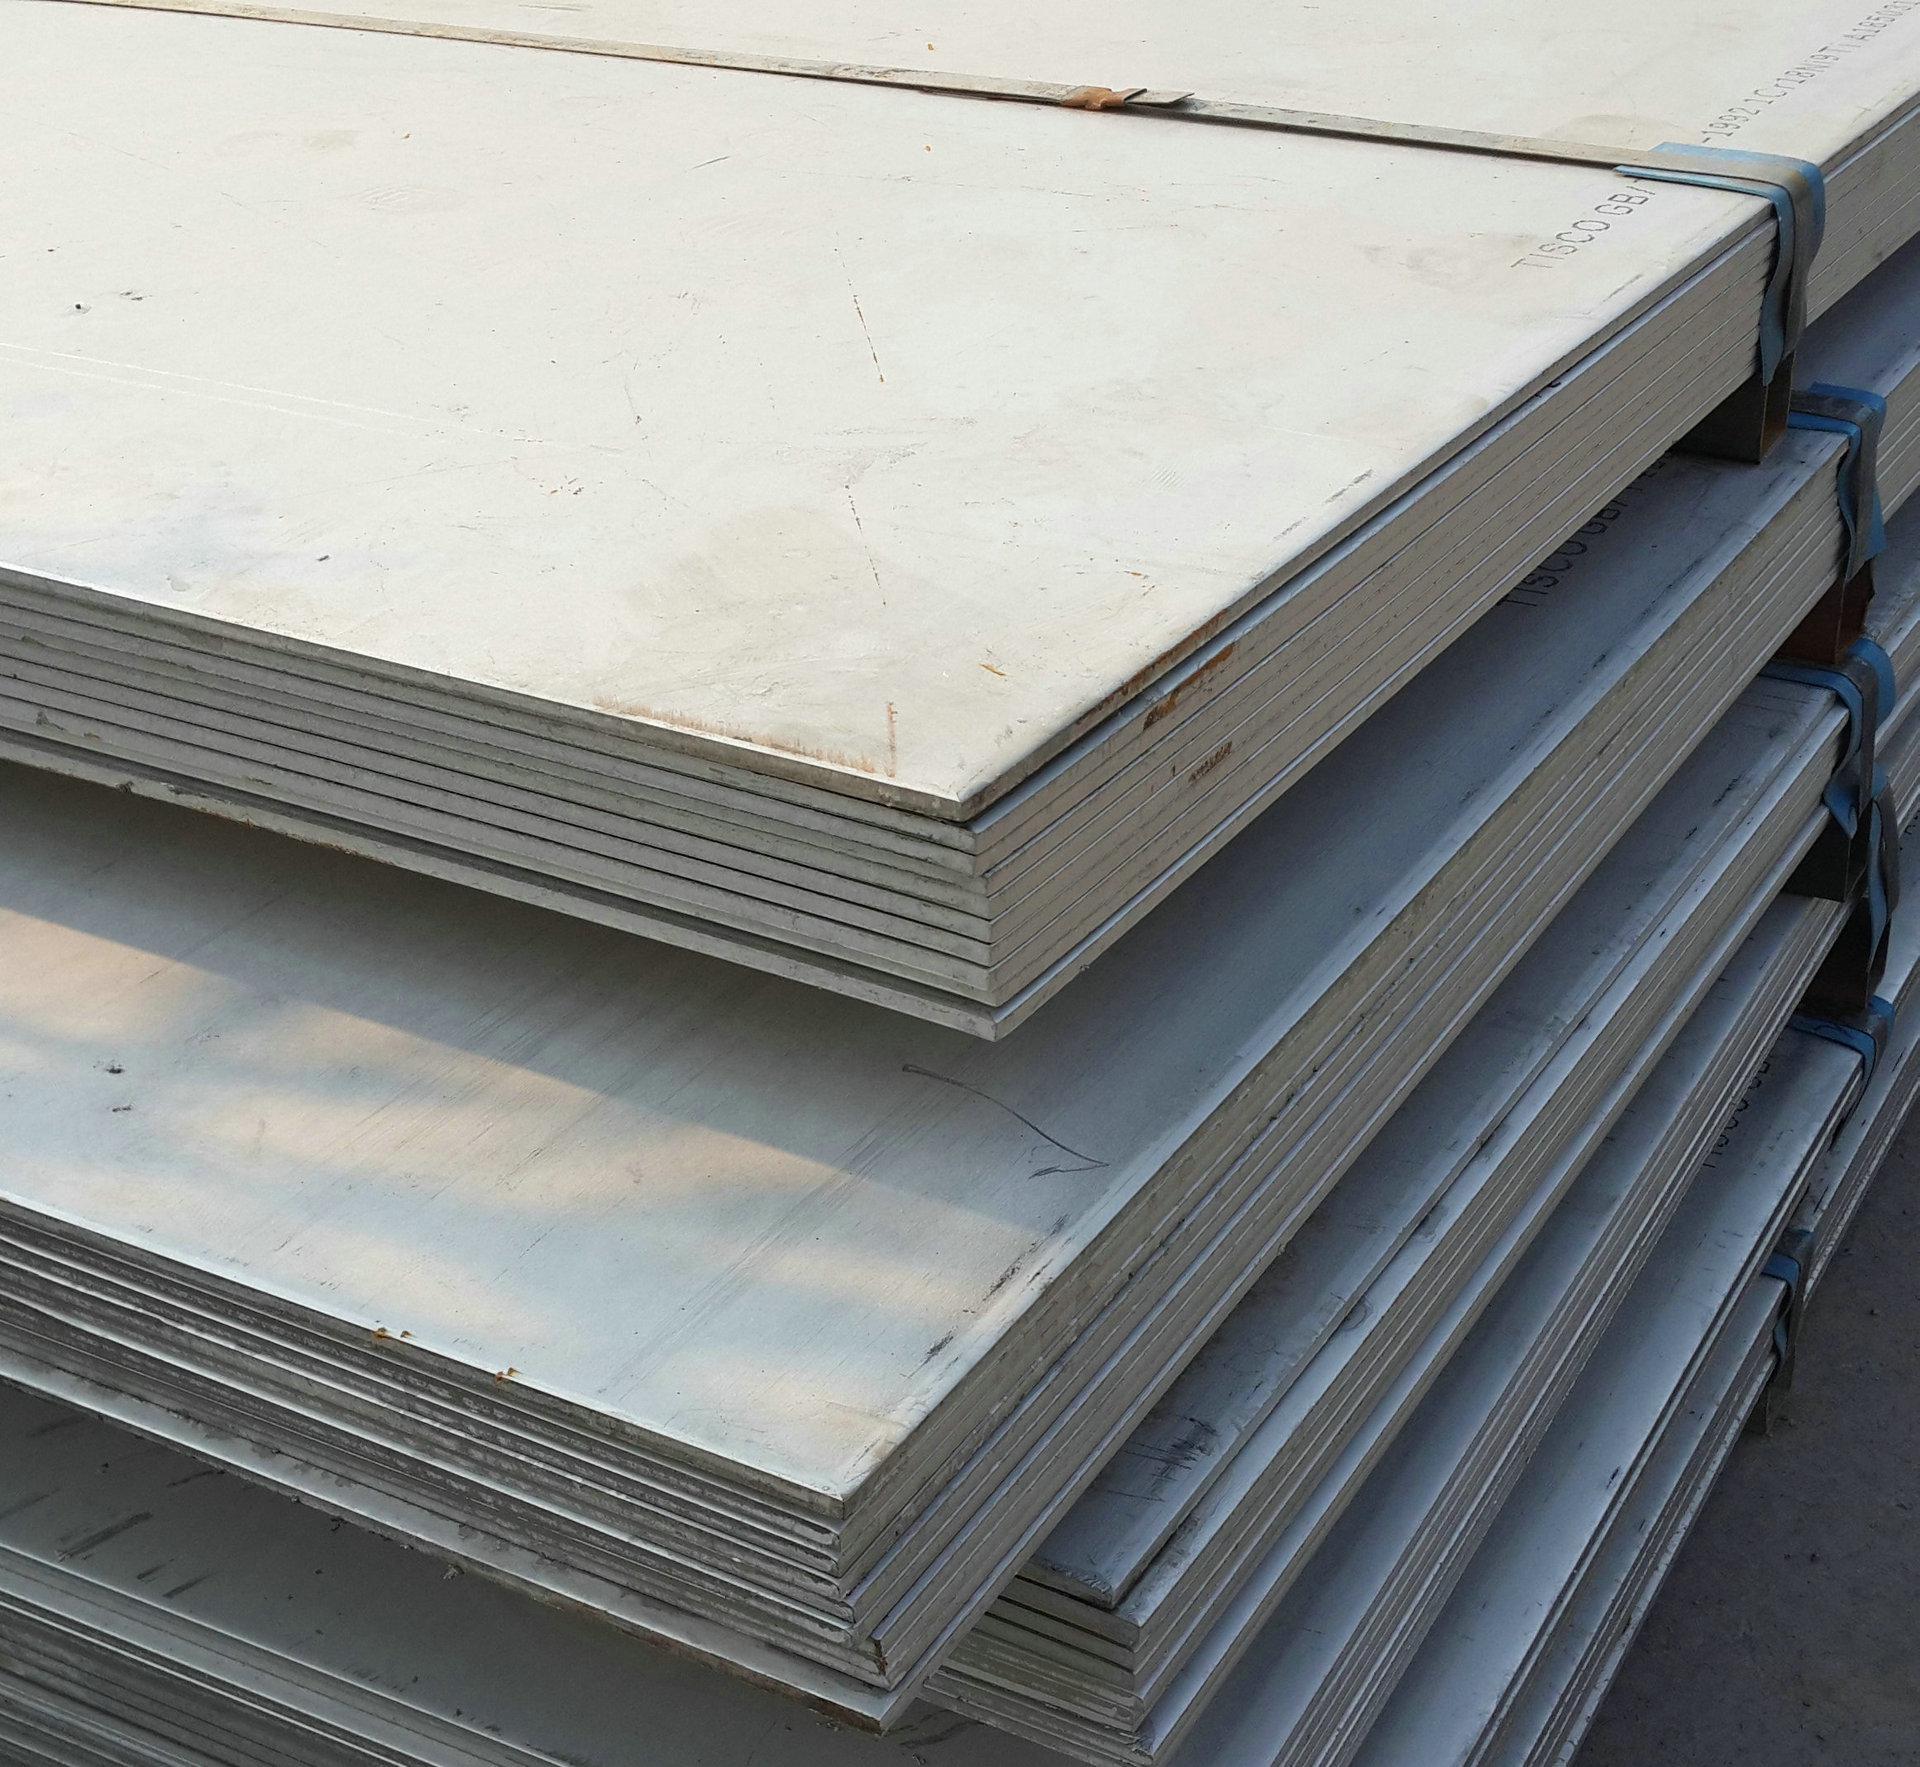 410不锈钢板厂家直销,410不锈钢板价格,无锡410不锈钢板供应商